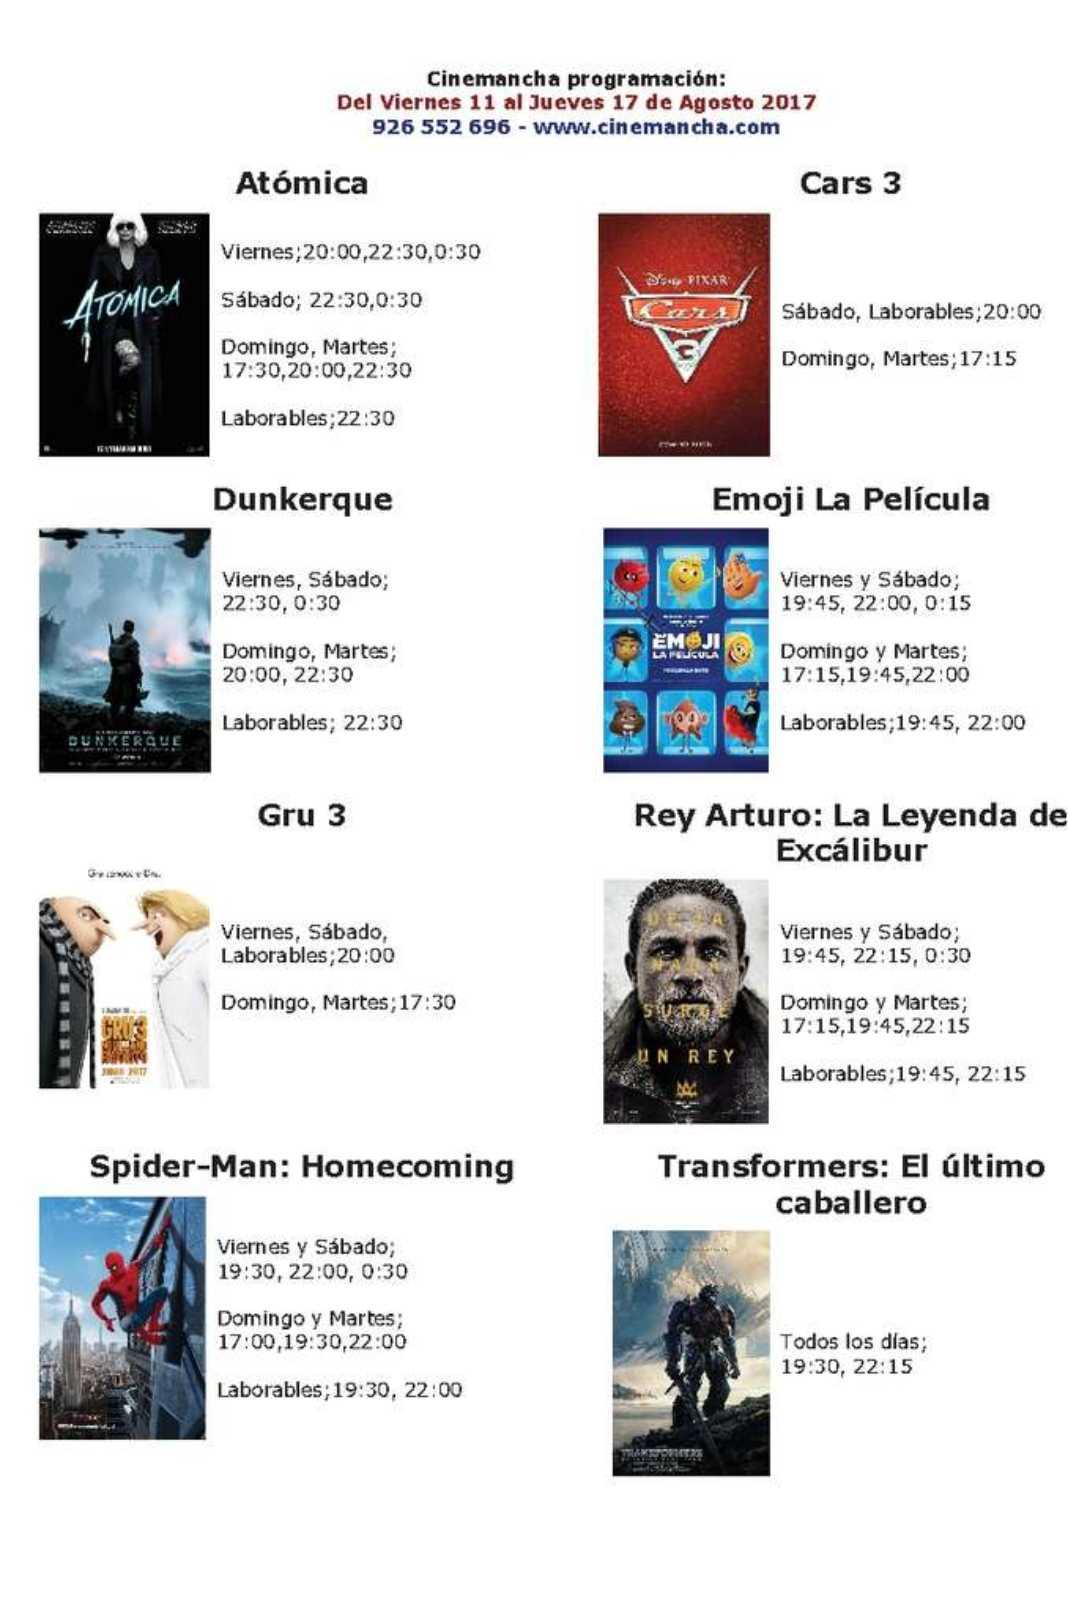 cartelera cinemancha del 11 al 17 de Agosto 1068x1613 - Cartelera Cinemancha del viernes 11 al jueves 17 de agosto